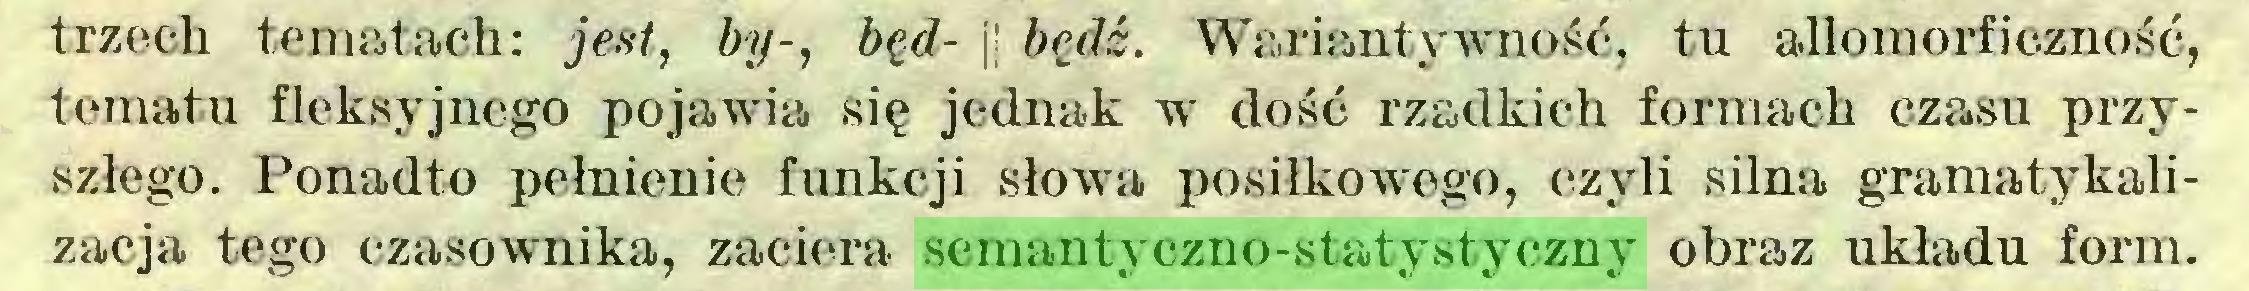 (...) trzech tematach: jest, by-, będ- j! będź. Wariantywność, tu allomorficzność, tematu fleksyjnego pojawia się jednak w dość rzadkich formach czasu przyszłego. Ponadto pełnienie funkcji słowa posiłkowego, czyli silna gramatykalizacja tego czasownika, zaciera semantyczno-statystyczny obraz układu form...